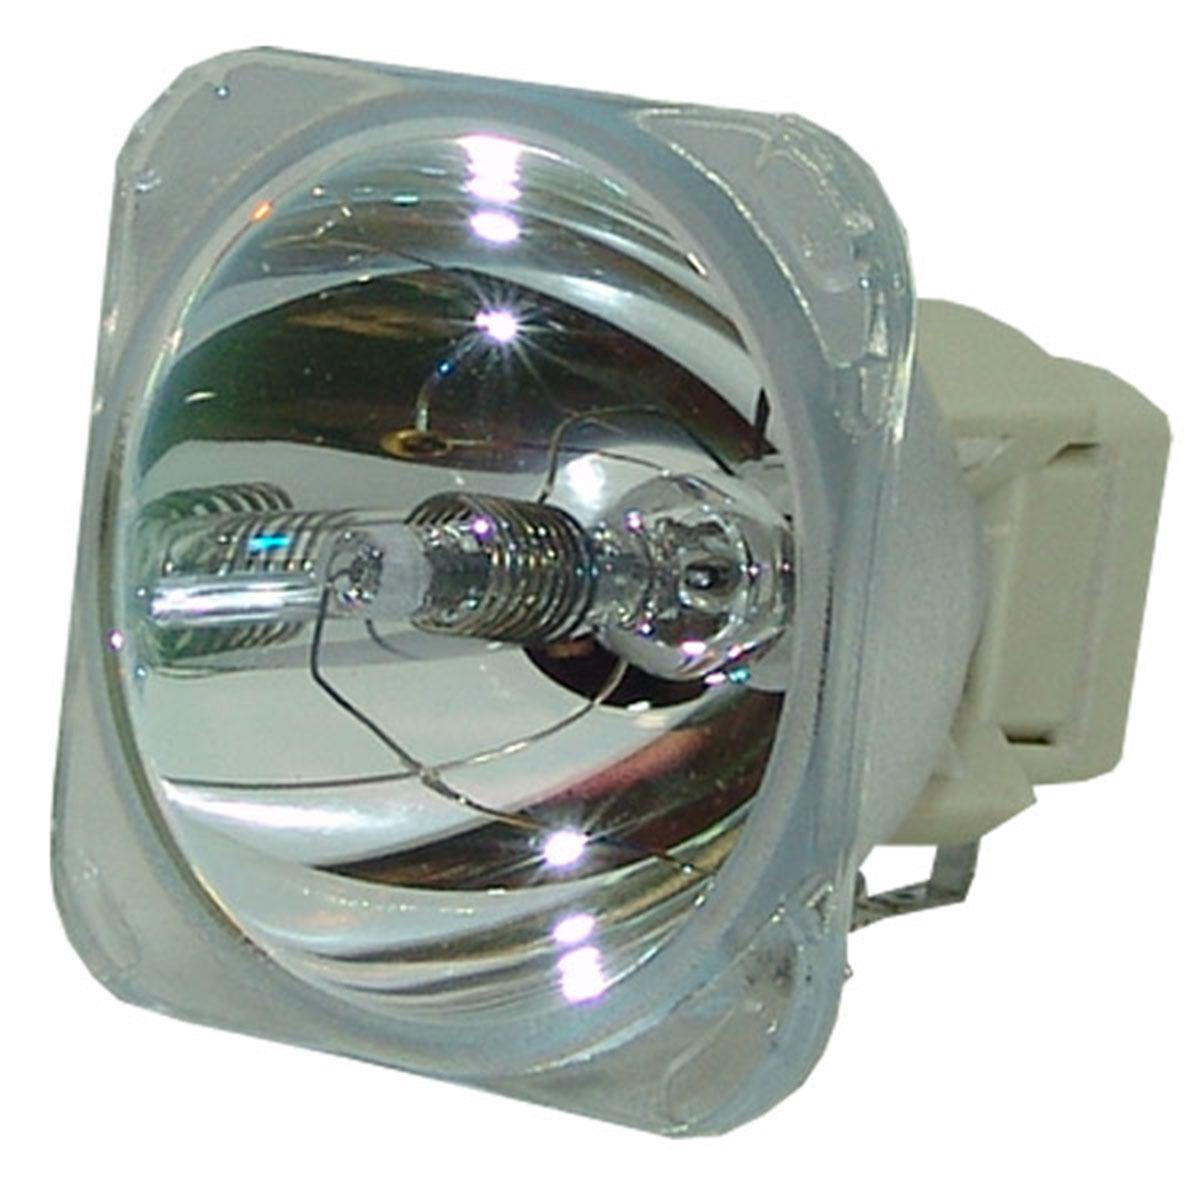 Compatible Bare Bulb 5811100818-S 5811100818S for VIVITEK D6000 D6010 D6500 D6510 Projector Lamp Bulbs without housing wholesale compatible bare bulb for phoenix shp69 projector lamp bulb